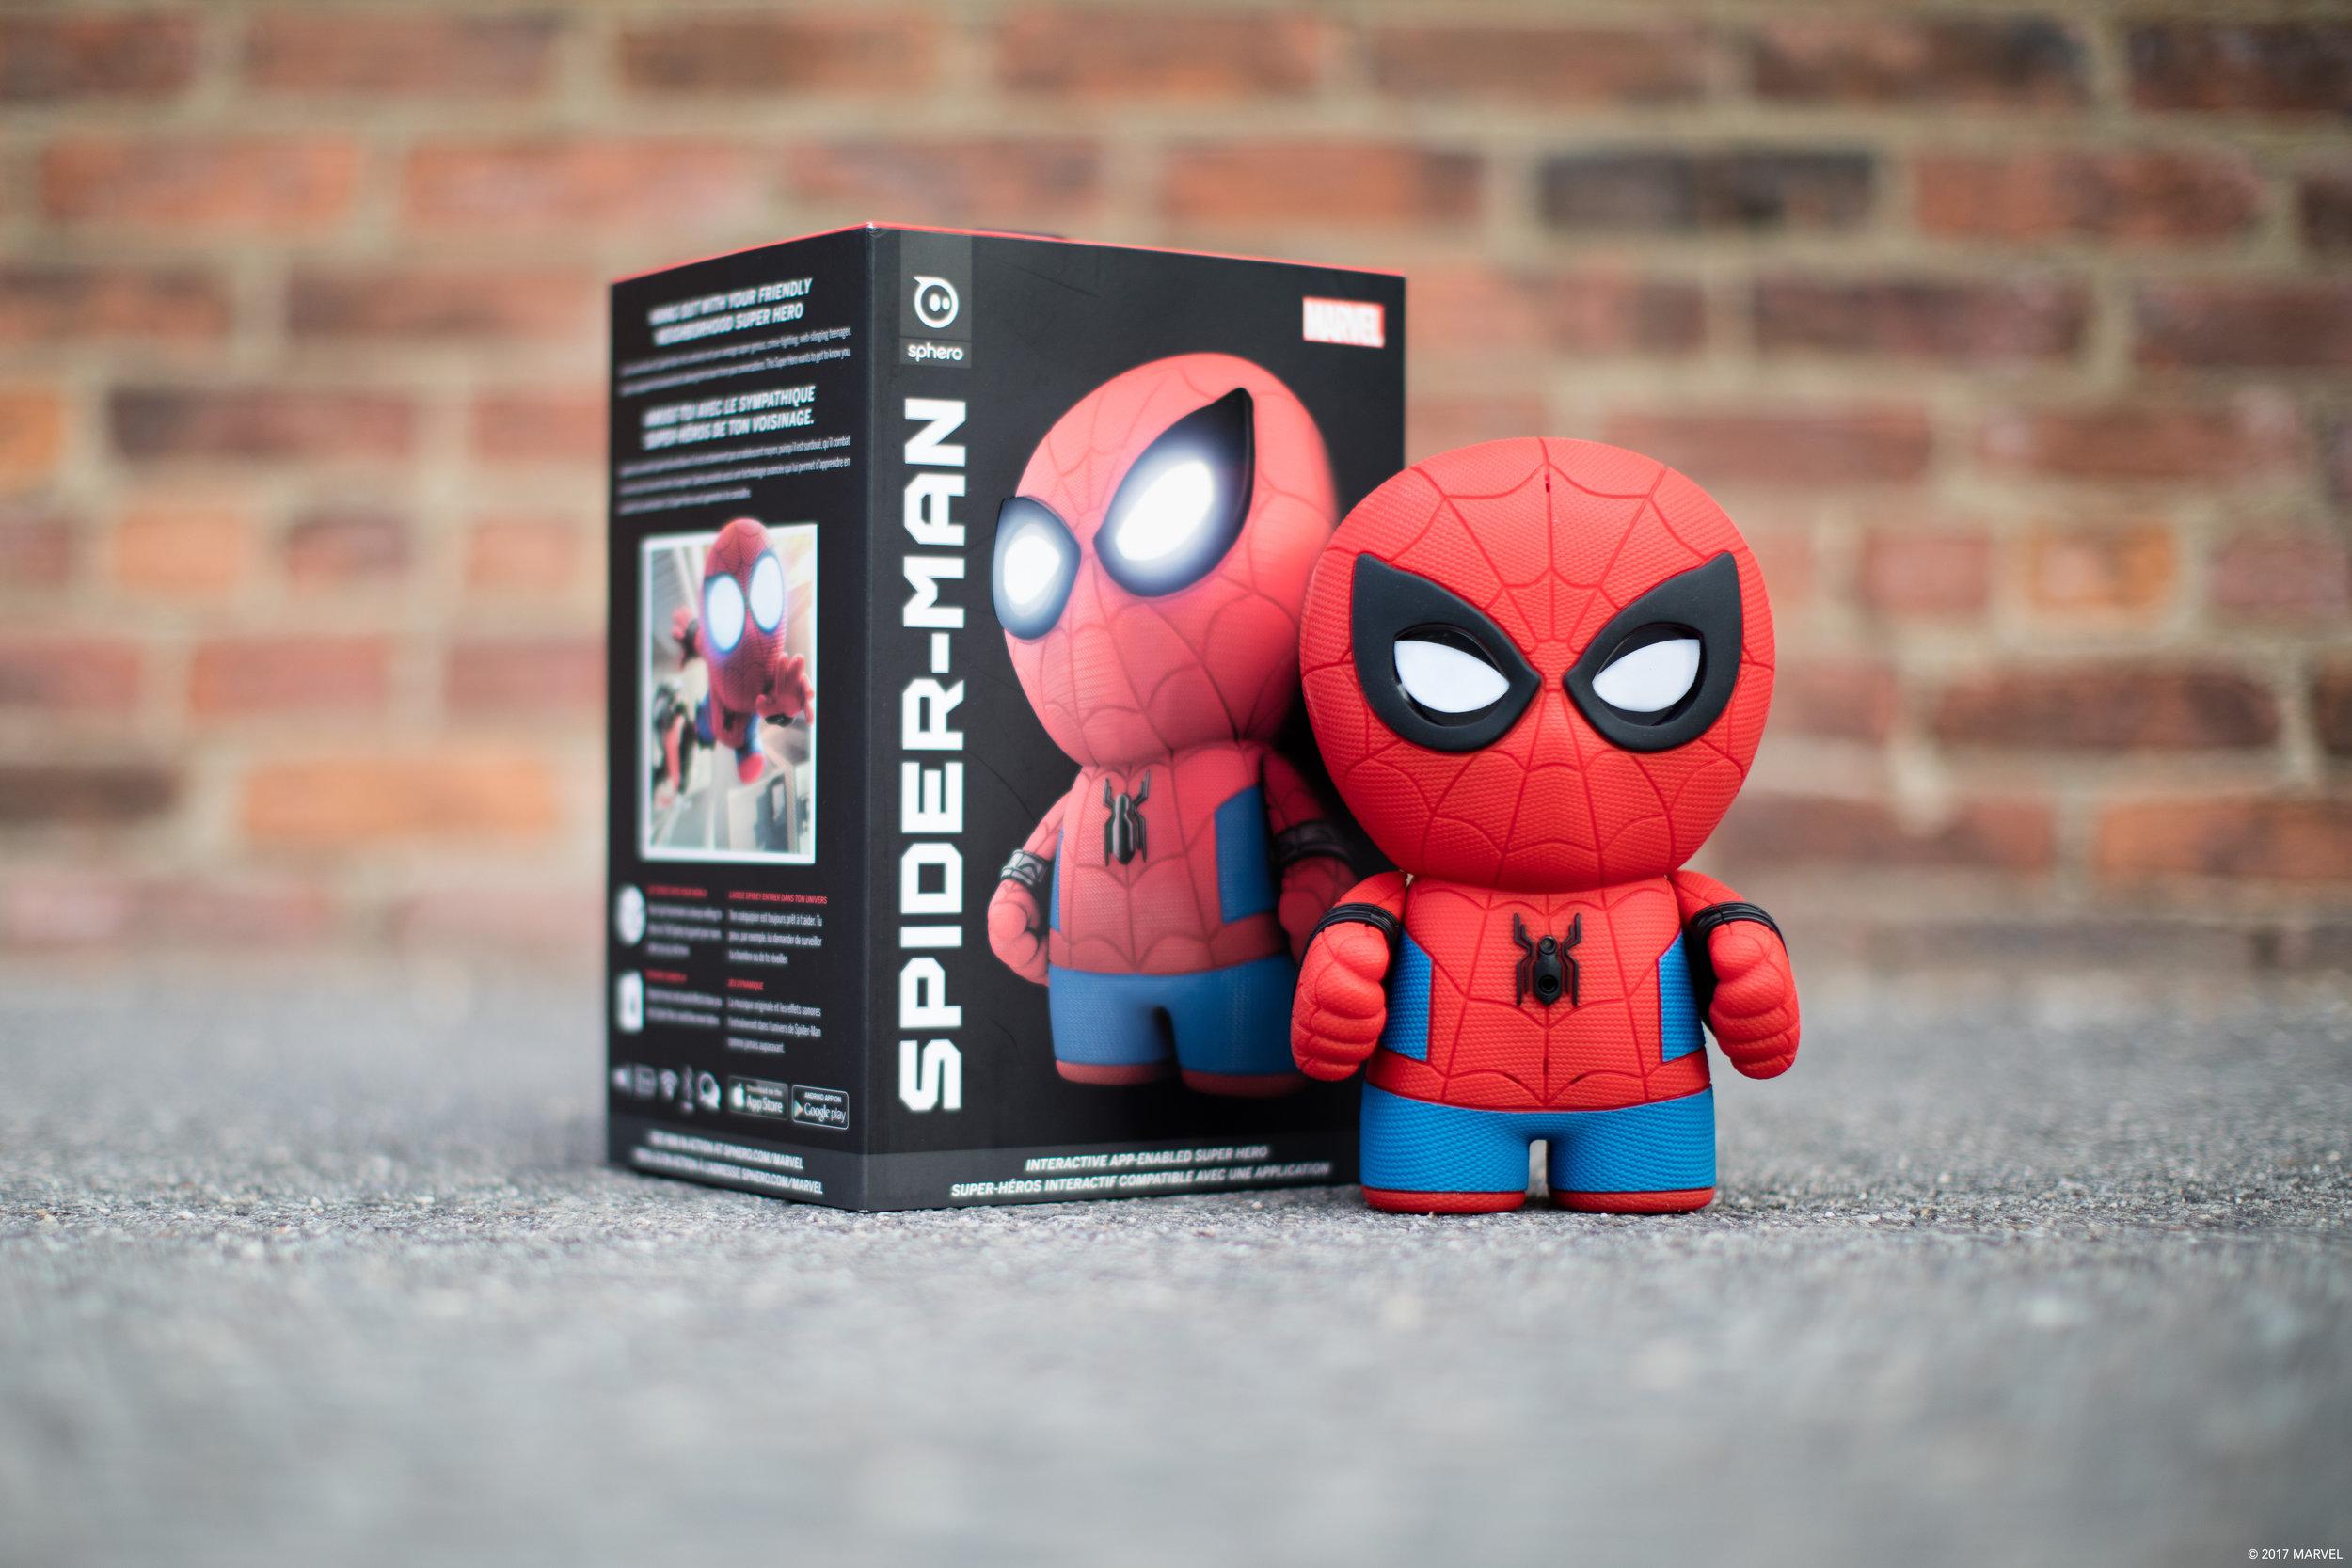 Spider-Man Interactive App-Enabled Super Hero from Sphero_2.jpg